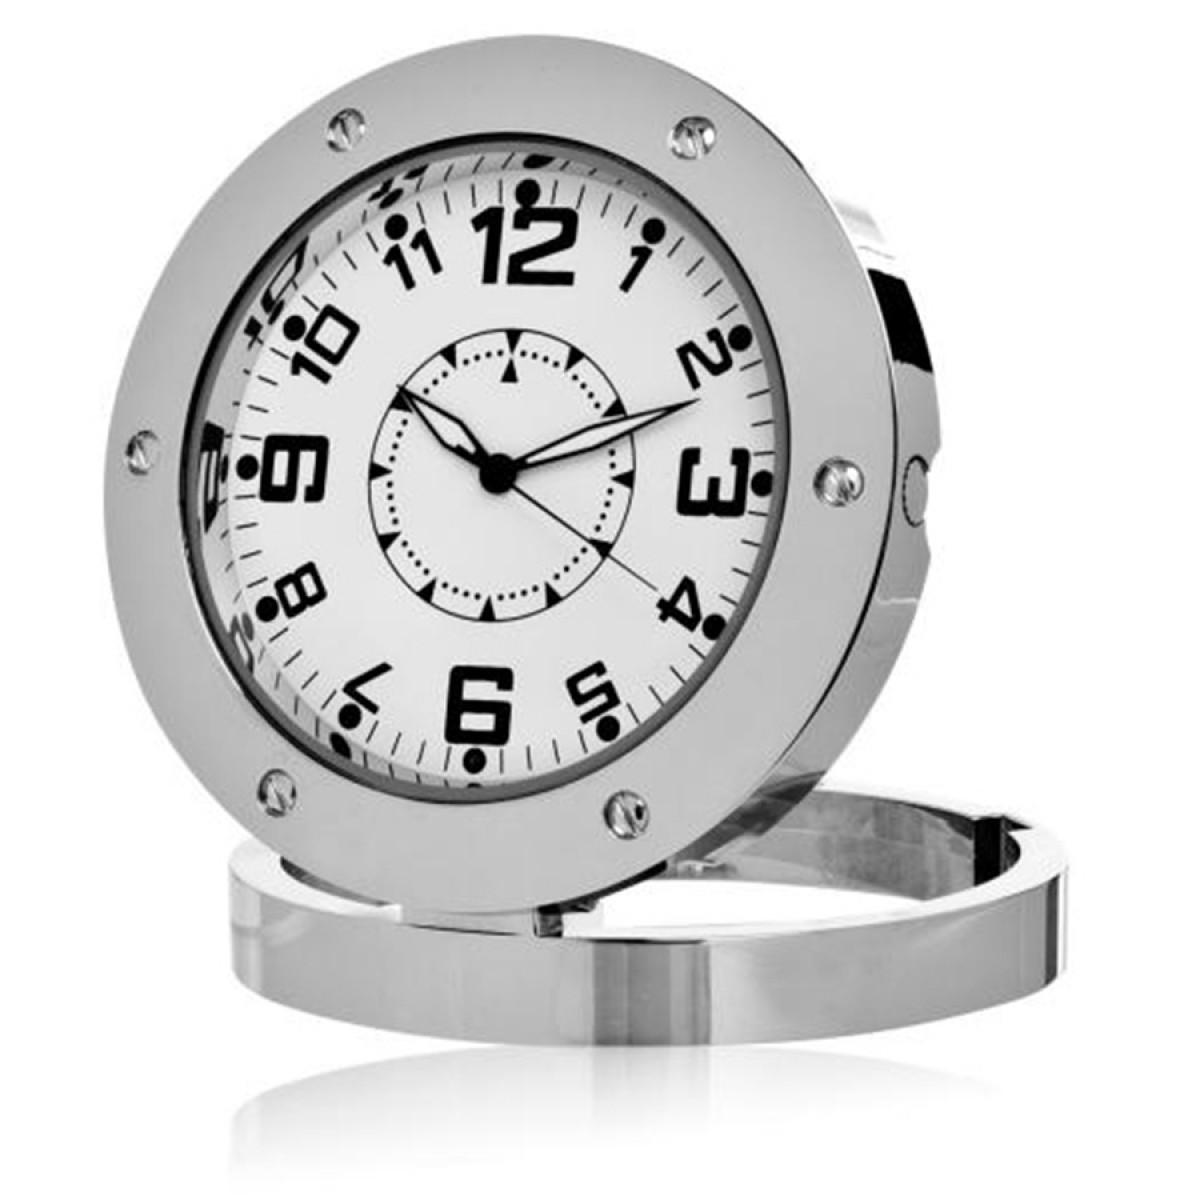 Κρυφή Κάμερα σε Ρολόι Επιτραπέζιο με Ανίχνευση Ηχου - Spy Clock Cam-OEM